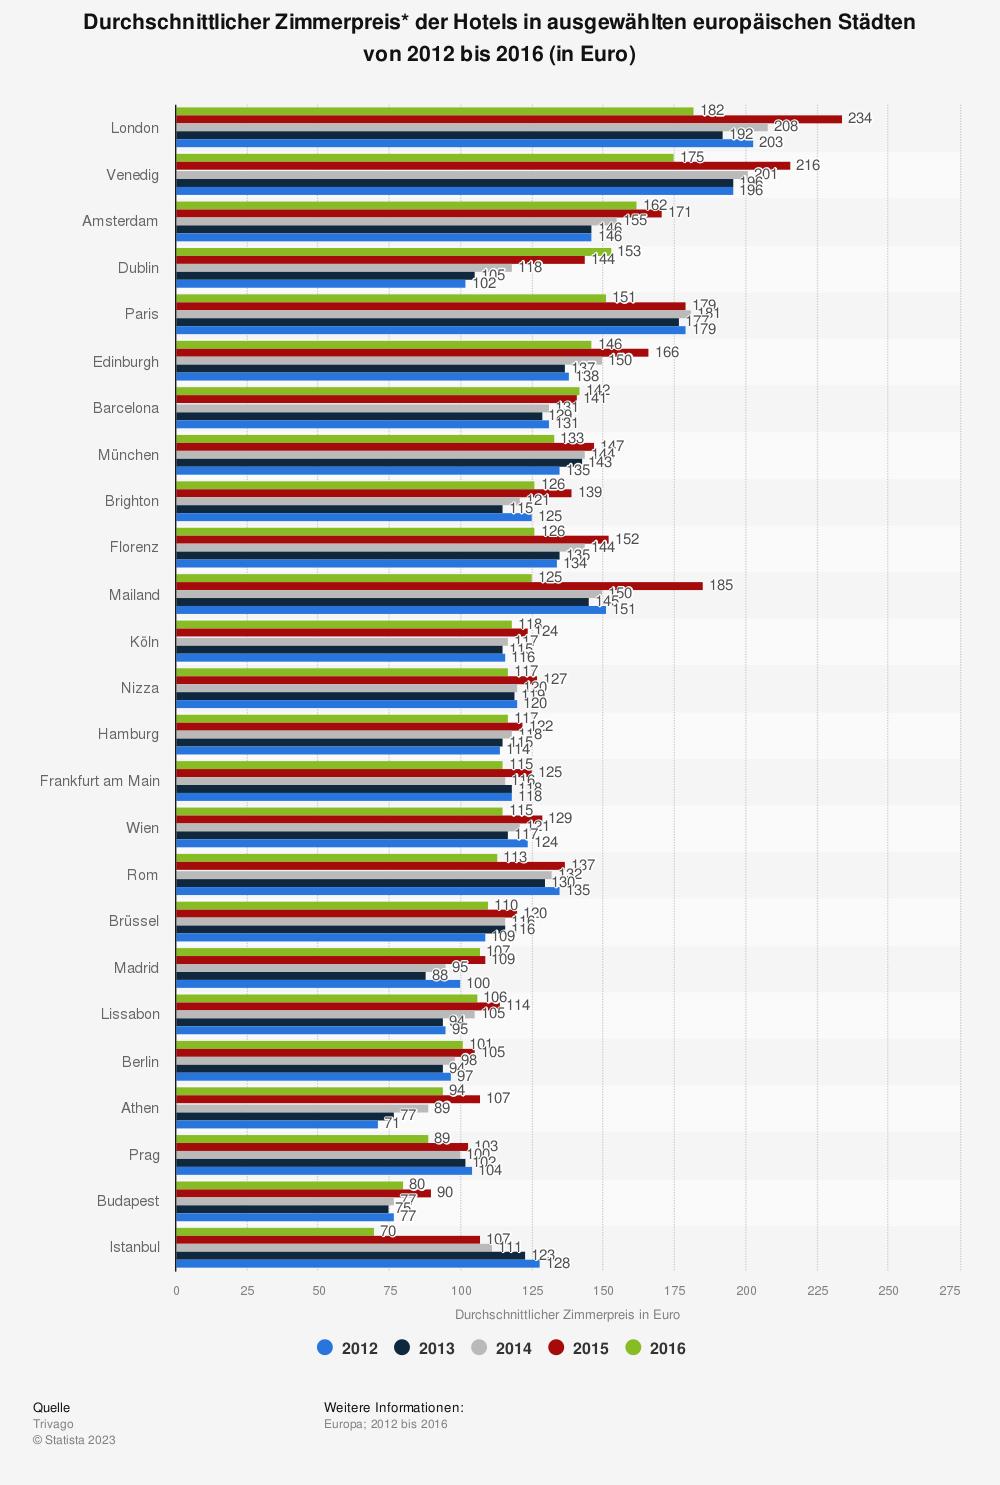 Statistik: Durchschnittlicher Zimmerpreis* der Hotels in ausgewählten europäischen Städten von 2012 bis 2016 (in Euro) | Statista